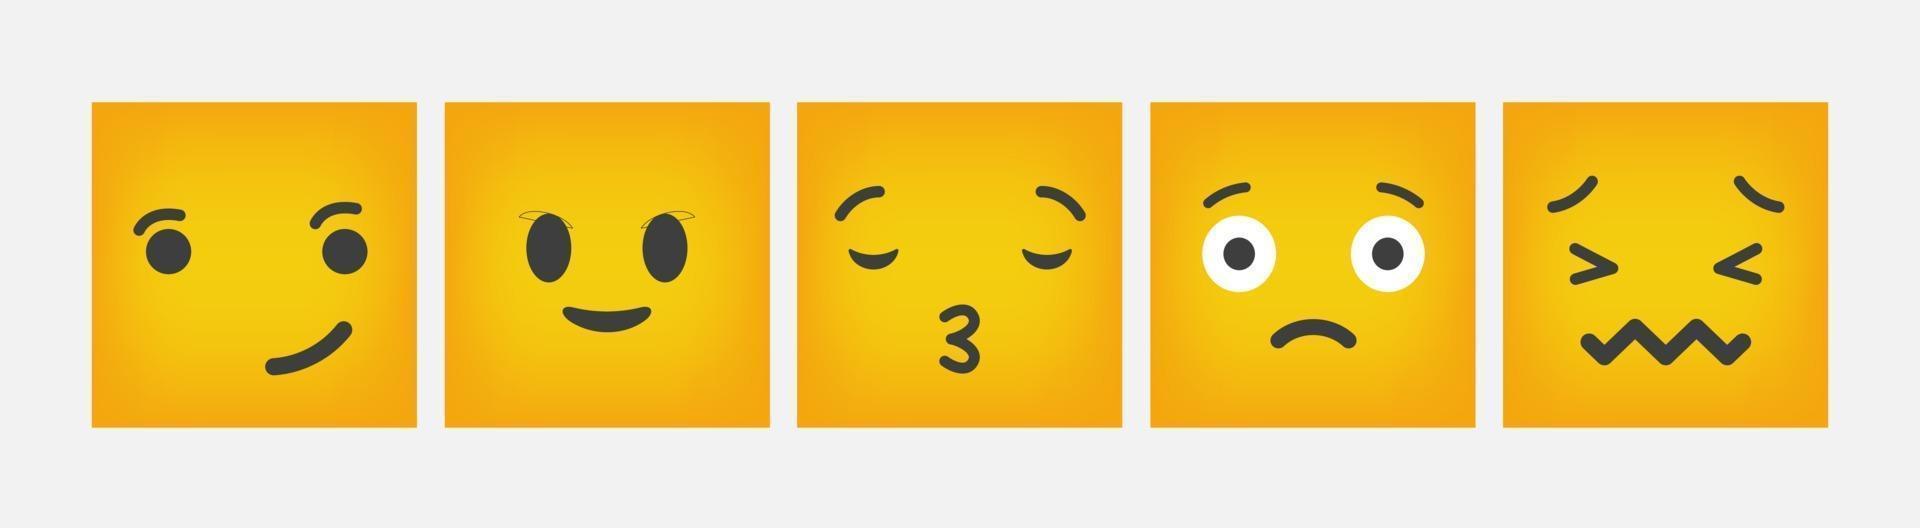 Emoticon di reazione quadrato design piatto set - vettore